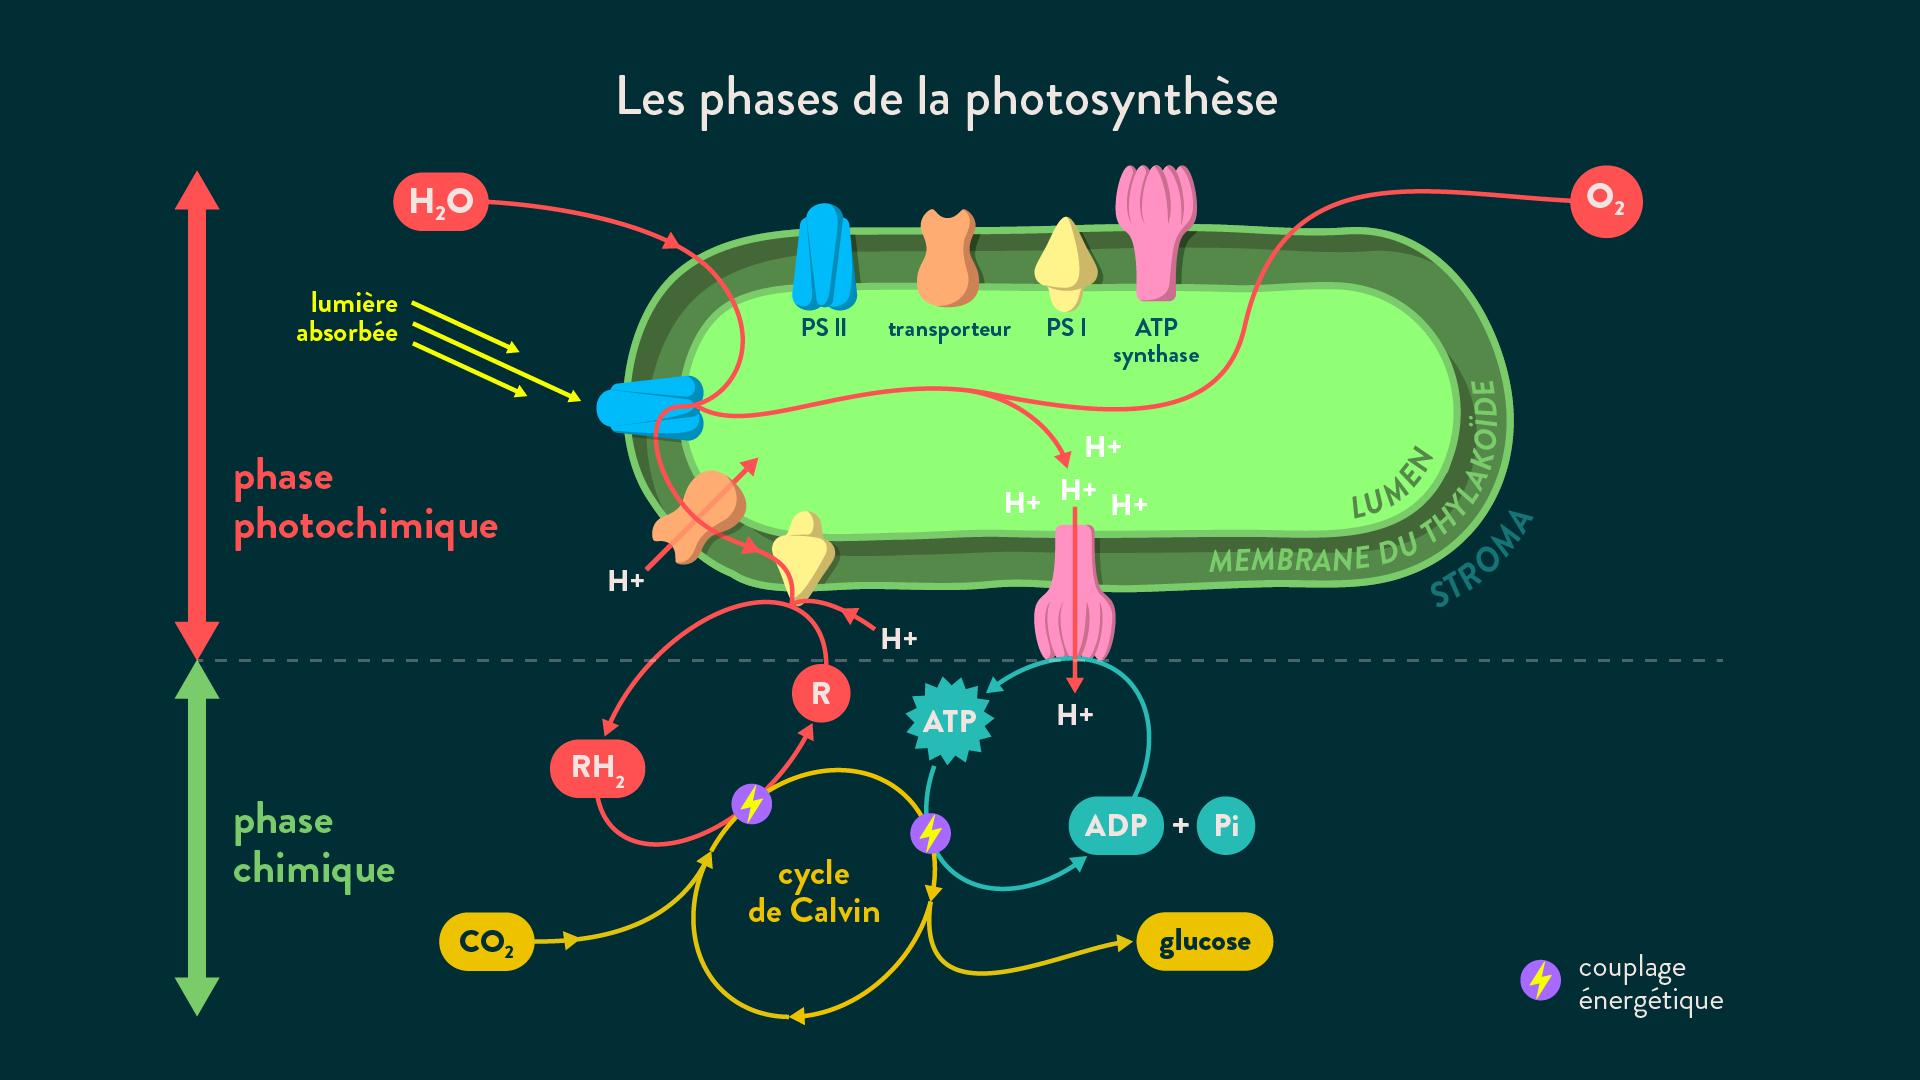 Les phases de la photosynthèse